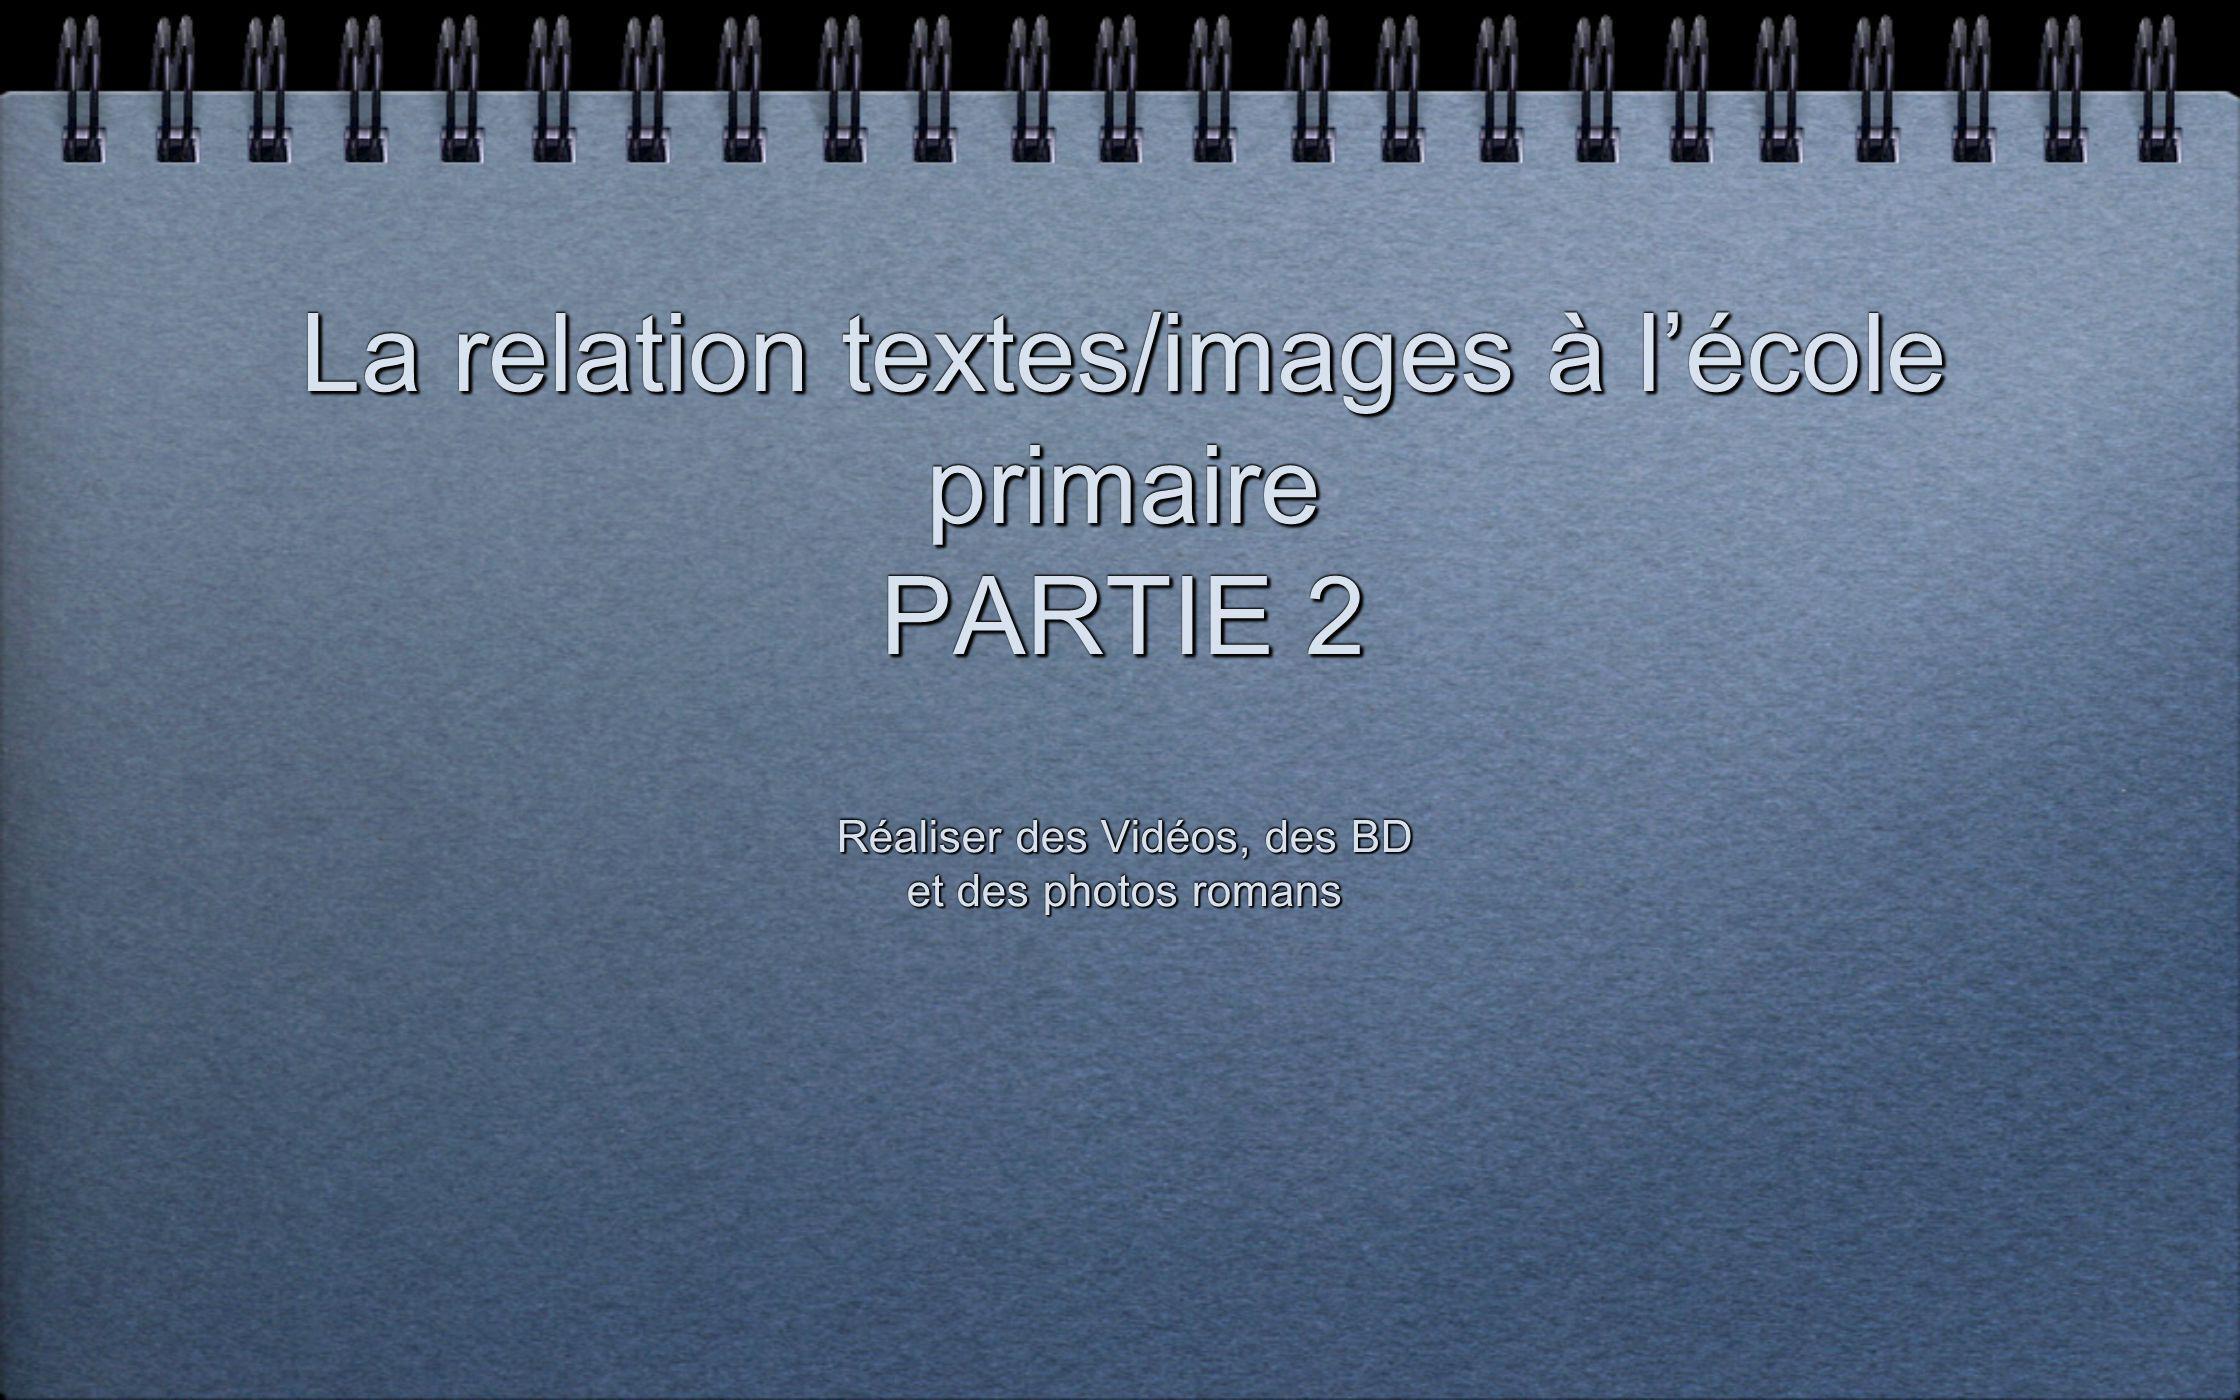 La relation textes/images à lécole primaire PARTIE 2 Réaliser des Vidéos, des BD et des photos romans Réaliser des Vidéos, des BD et des photos romans